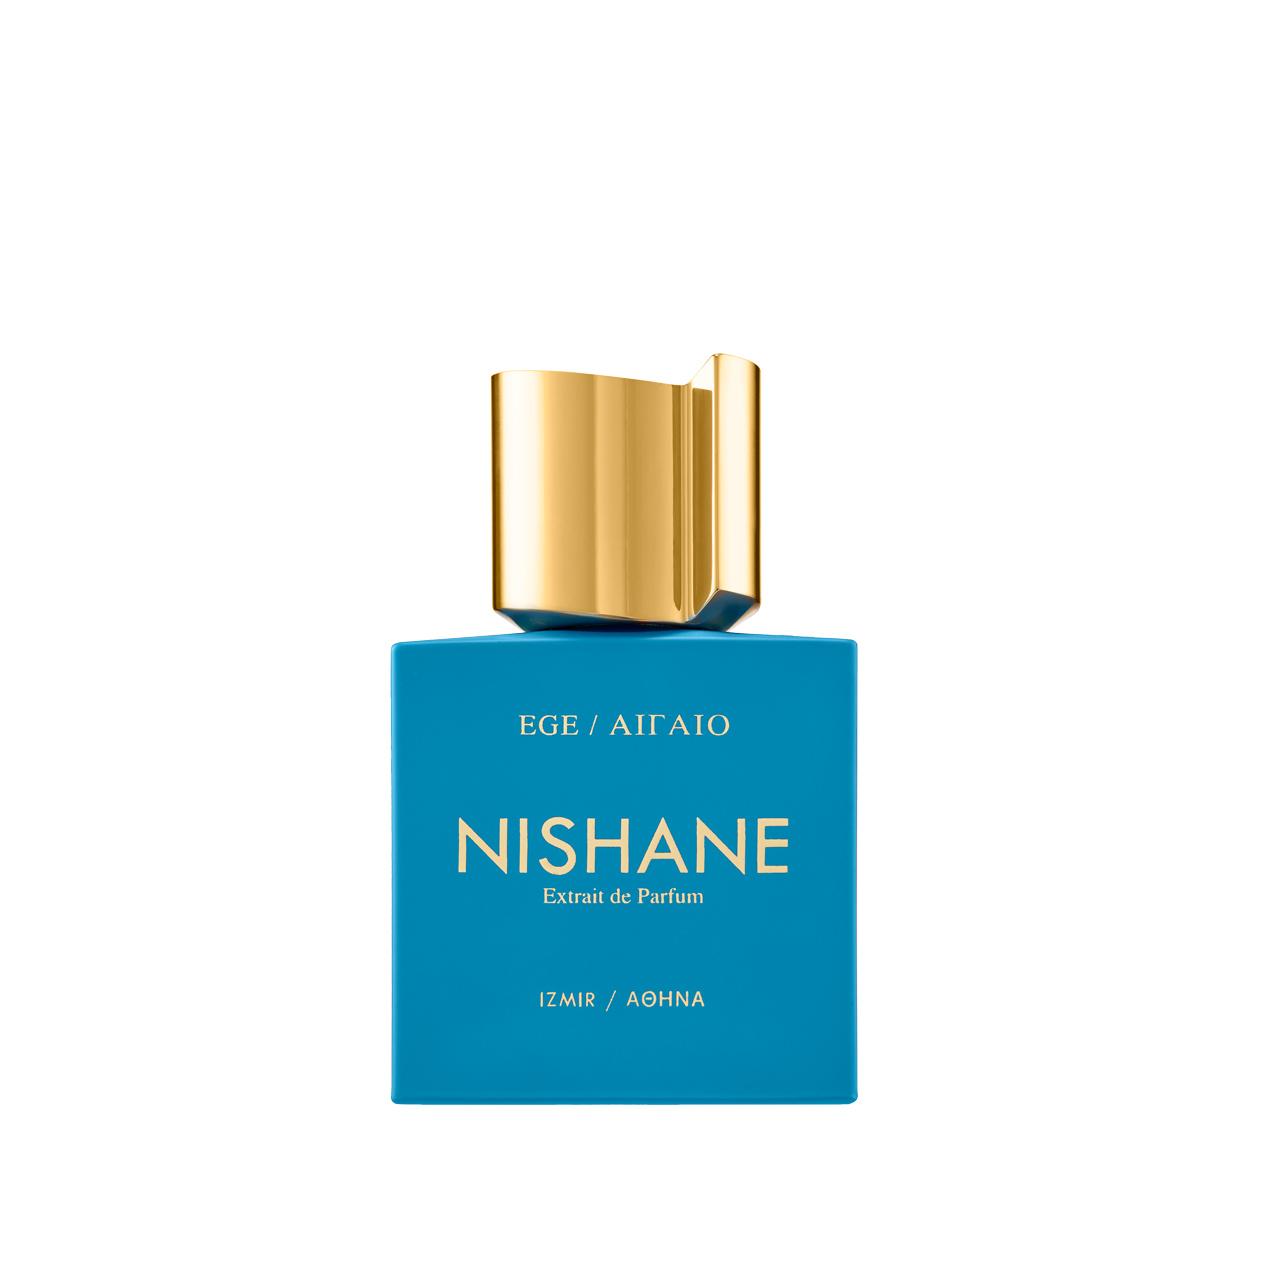 Ege - Extrait de Parfum